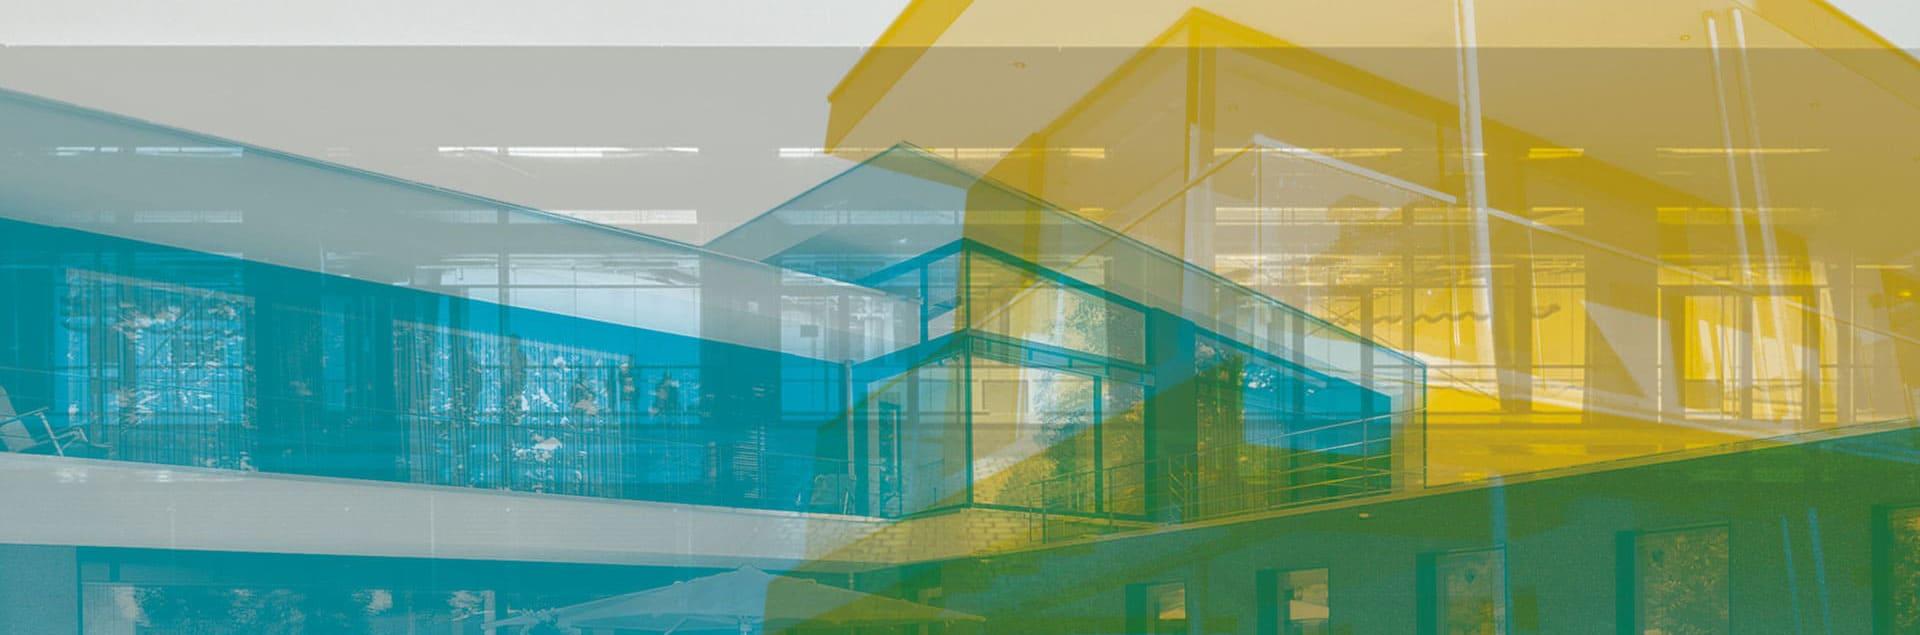 Graessel-Architekten-Erlangen